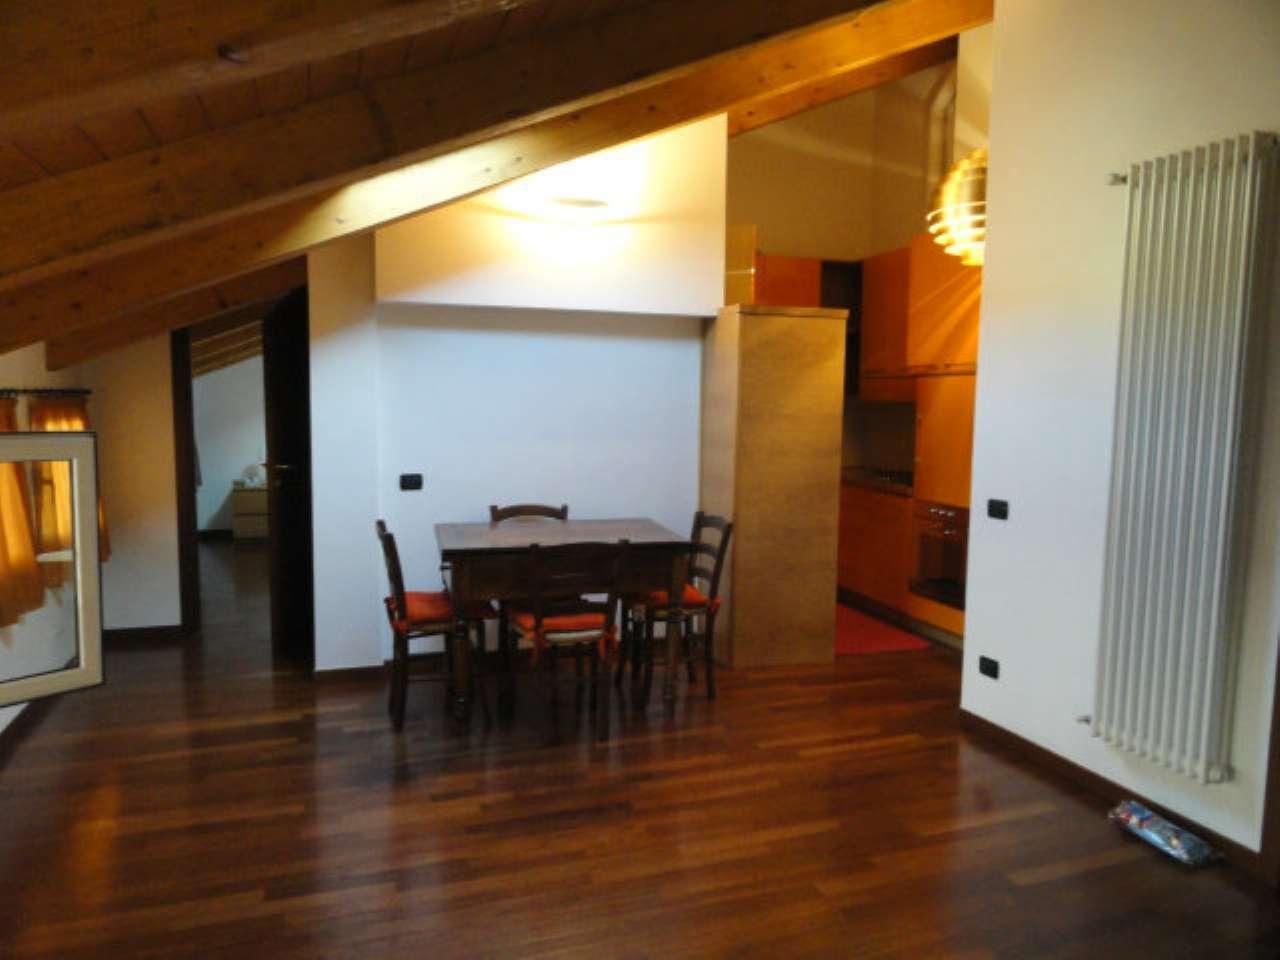 Mansarda in Affitto a Milano 03 Venezia / Piave / Buenos Aires: 2 locali, 60 mq